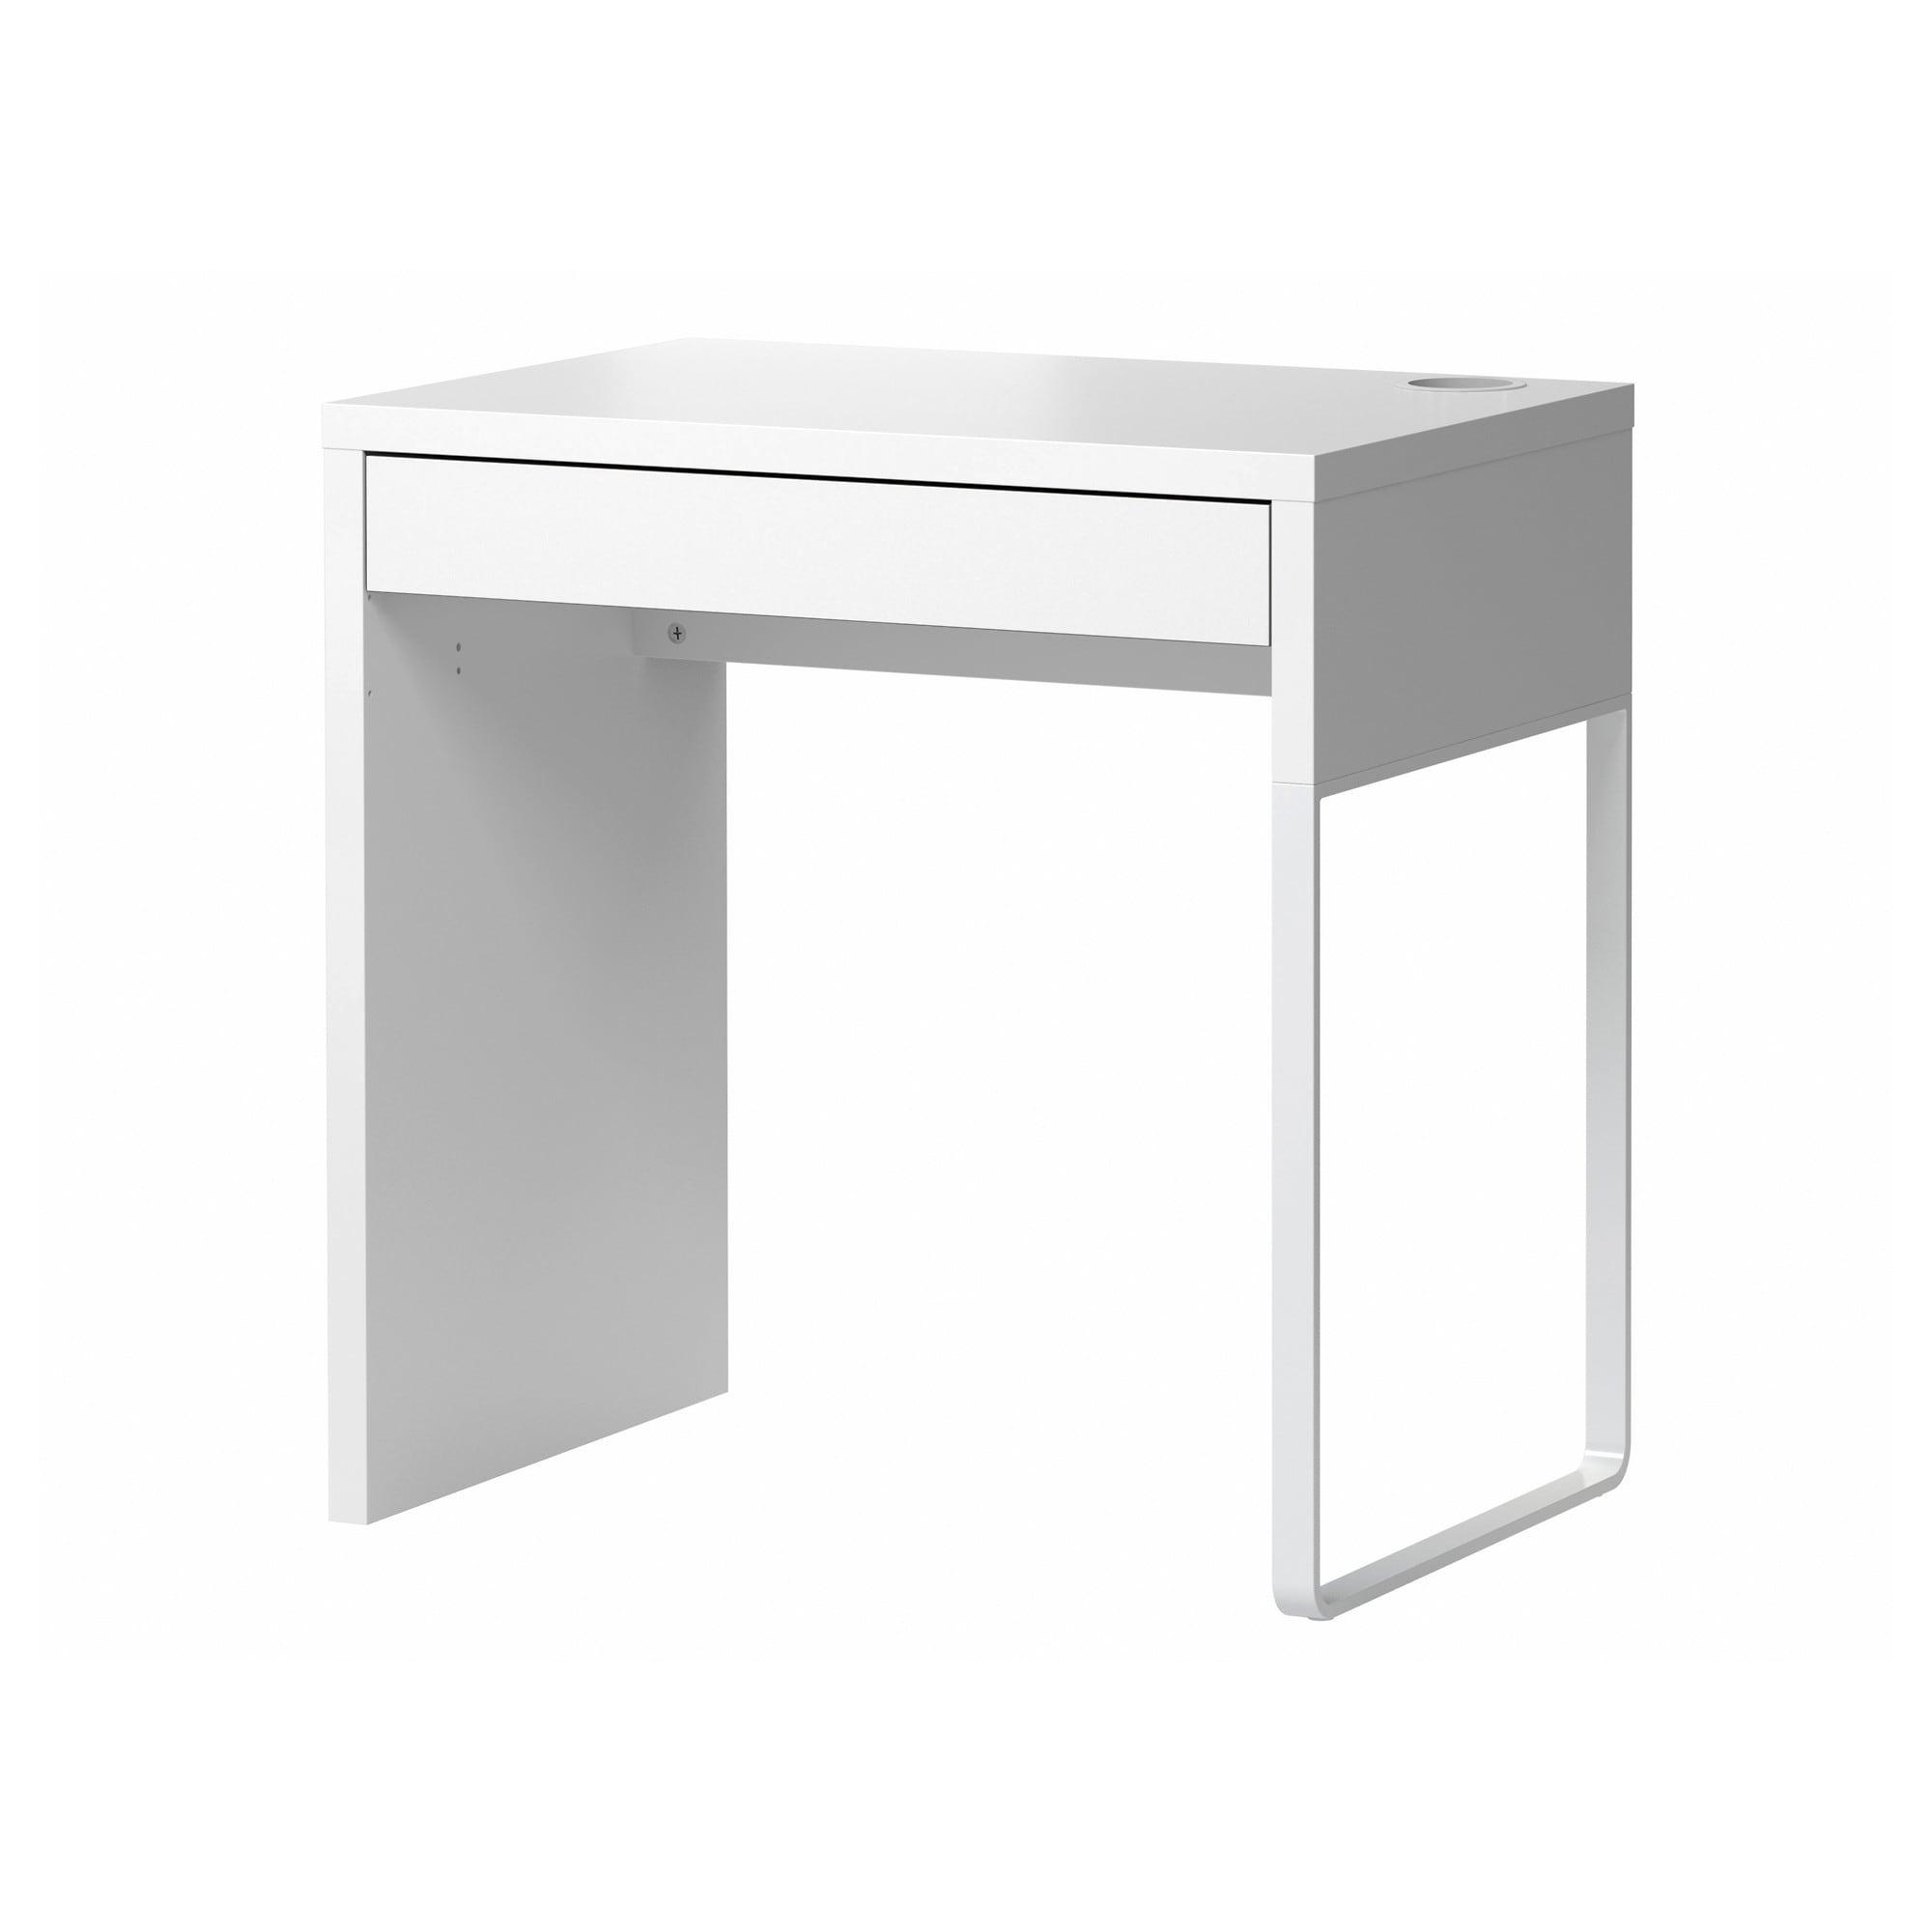 Micke Desk White 28 3 4x19 5 8 Ikea Ikea Micke Desk Micke Desk Ikea Micke